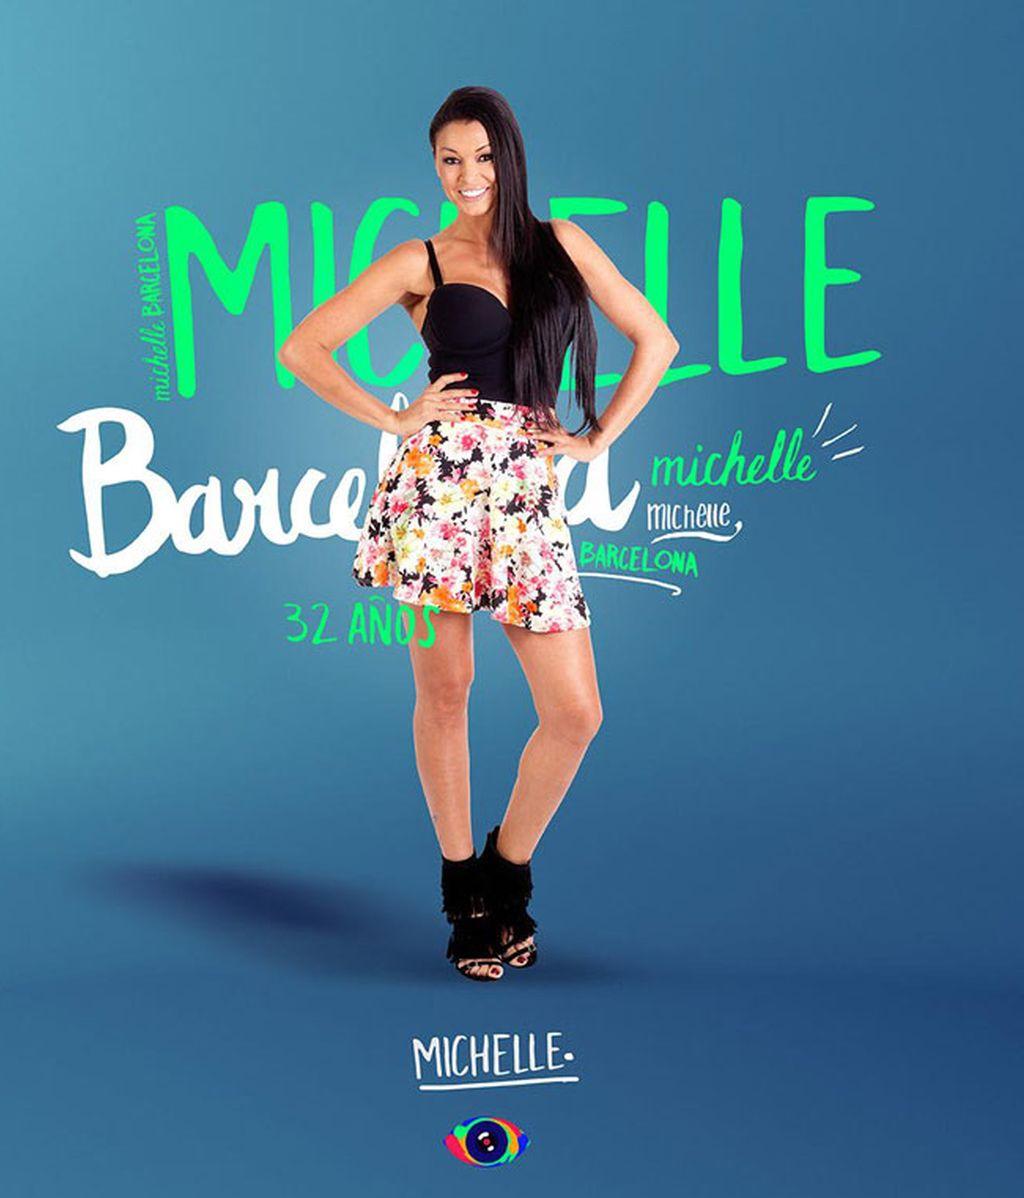 Michelle, 32 años (Barcelona)